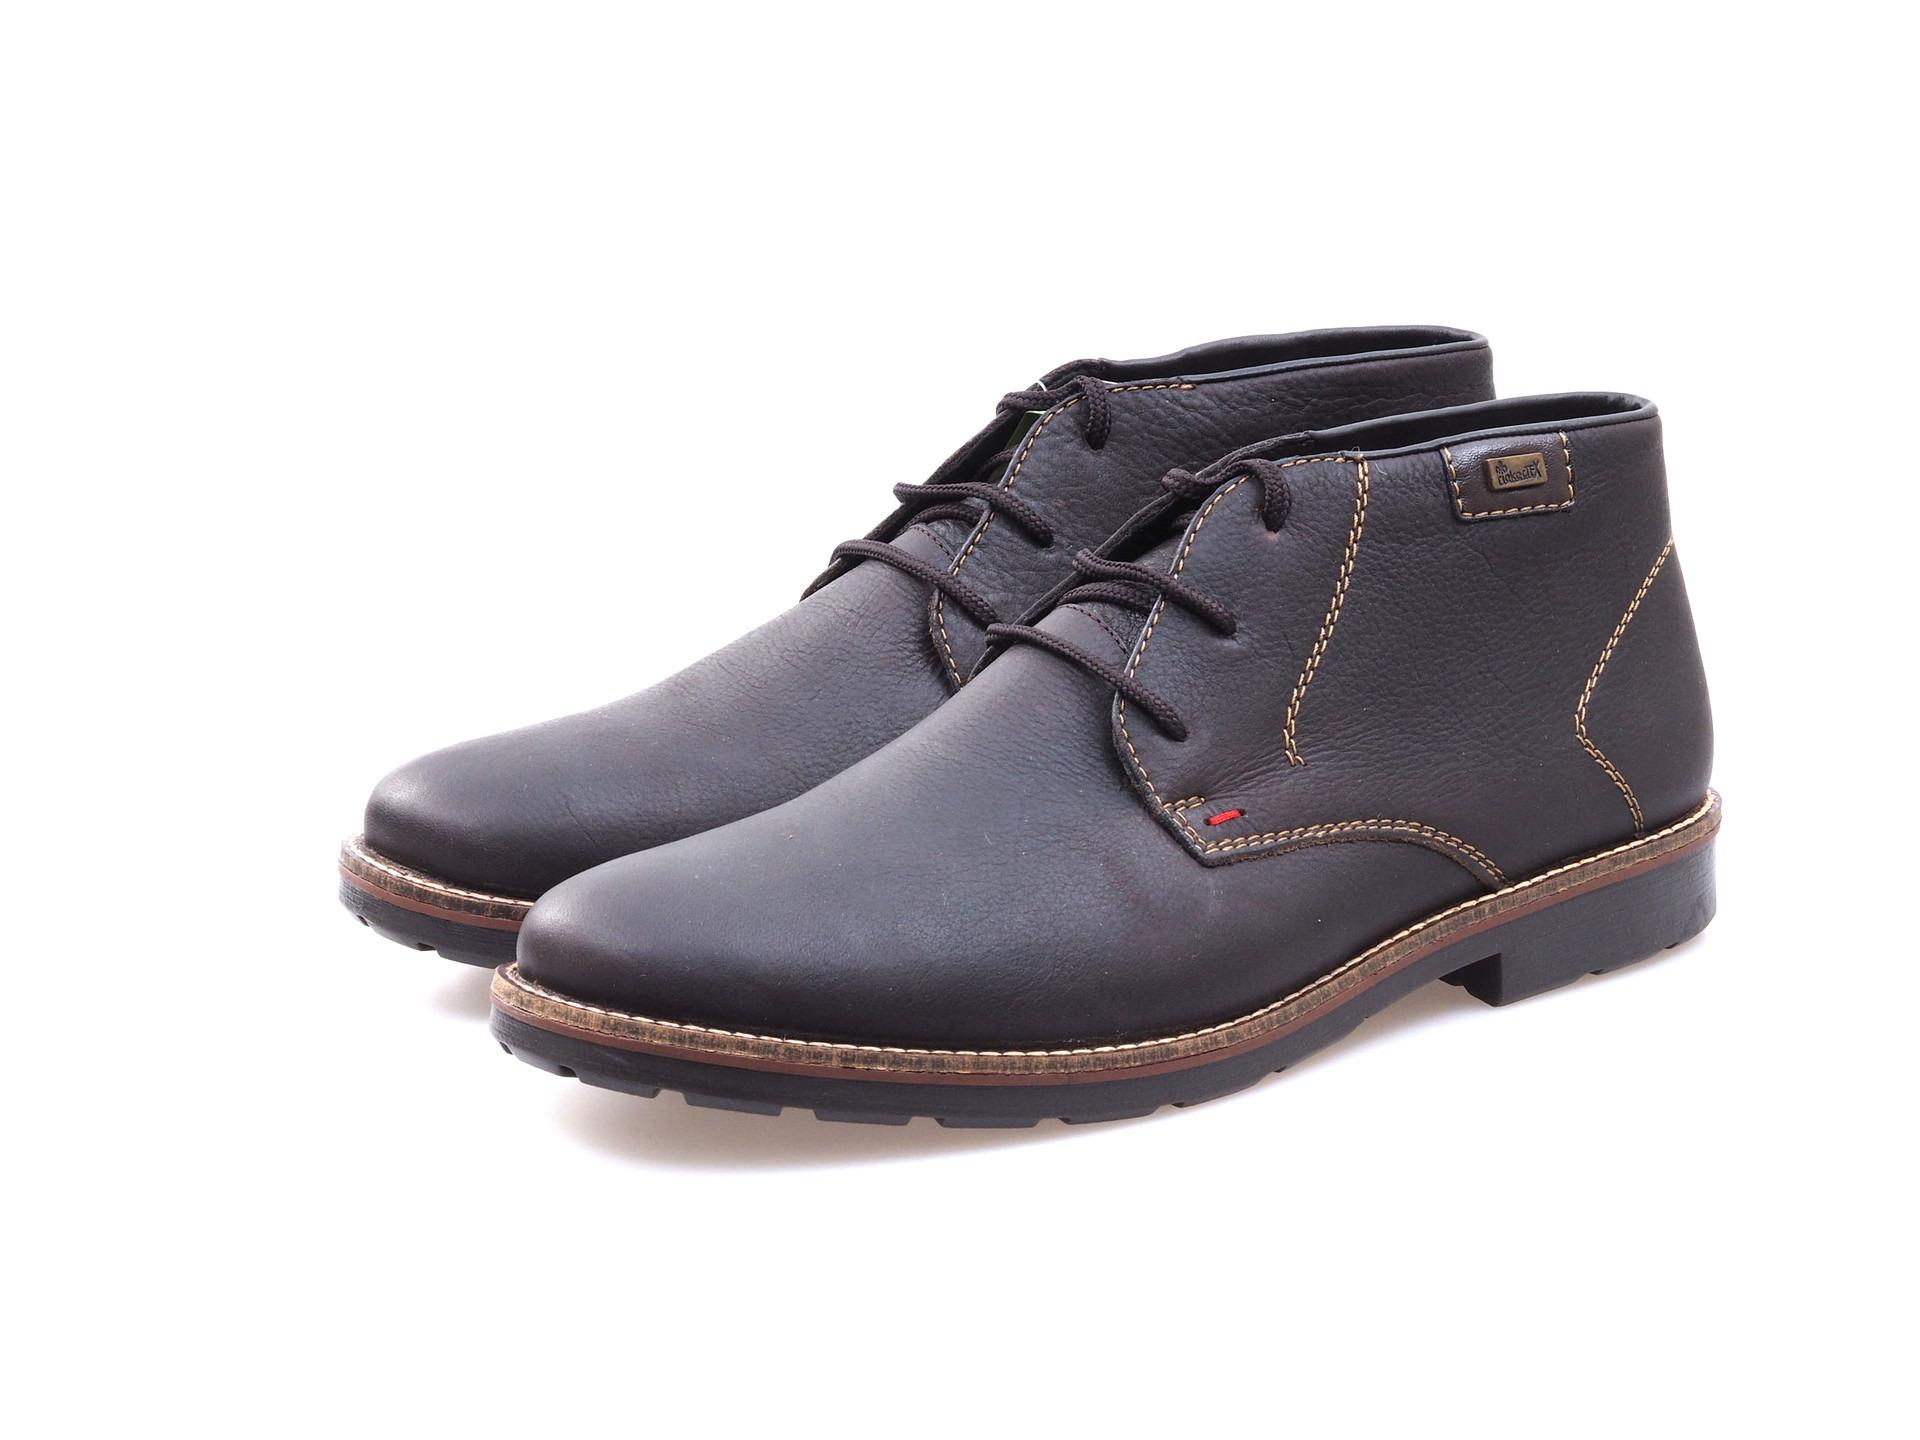 78a778d28265e Soňa - Pánska obuv - Zimná - Hnedé kožené topánky Rieker na šnurovanie